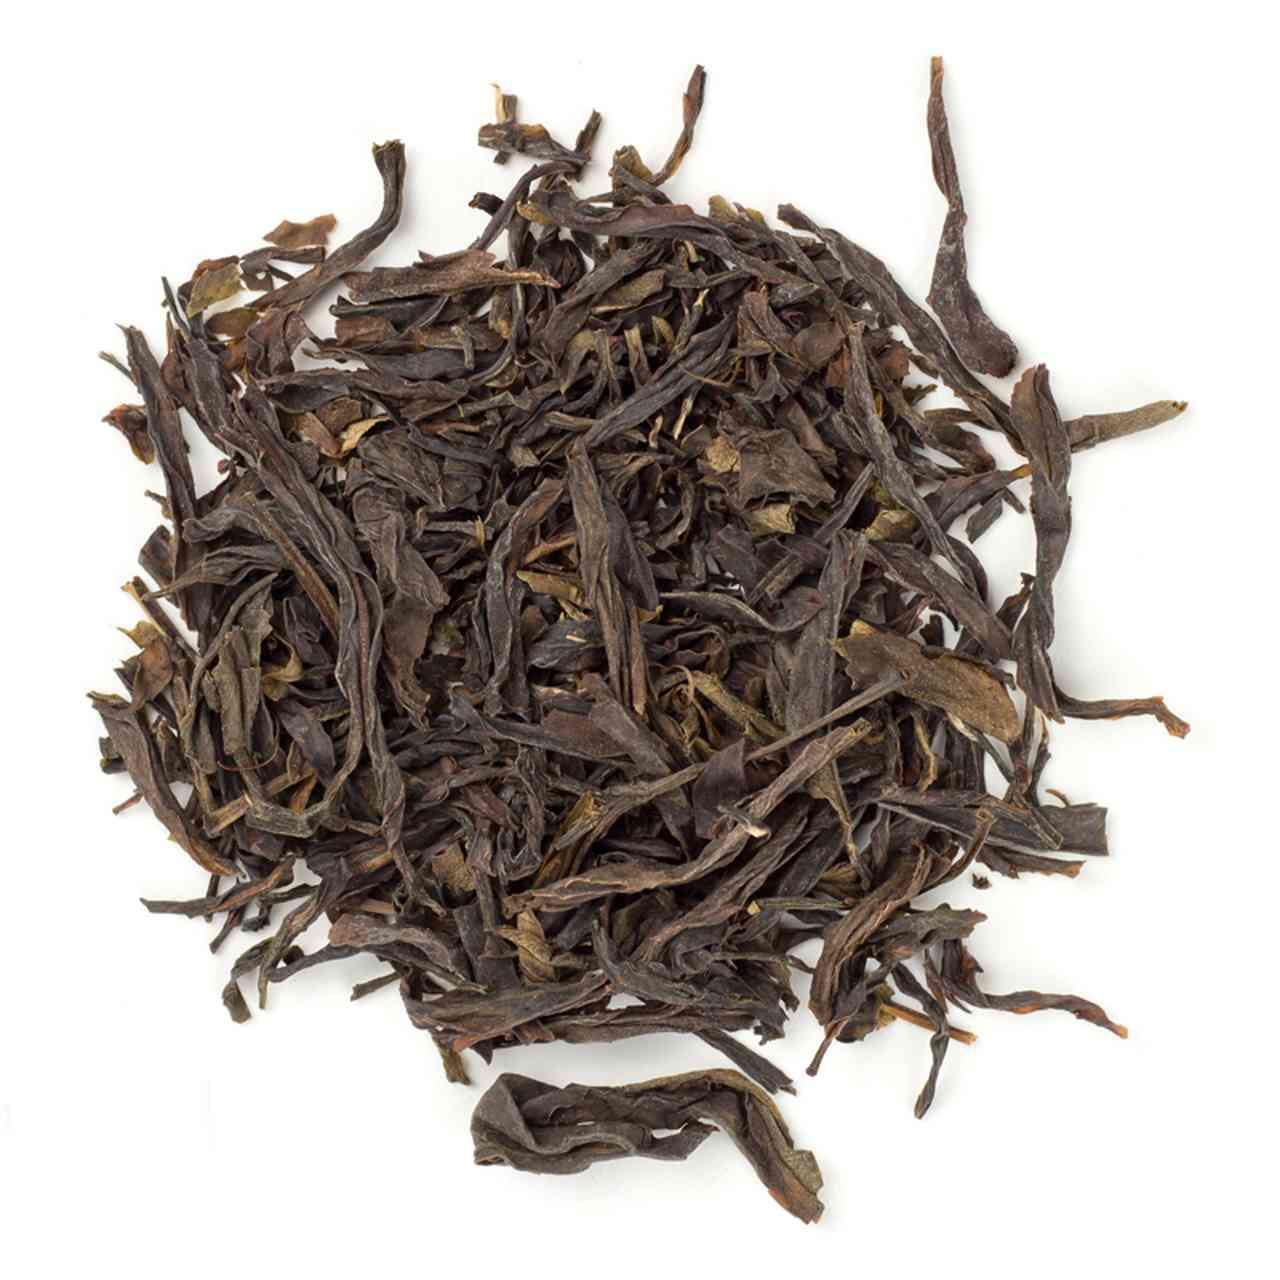 ウーロン茶 Oolong Tea